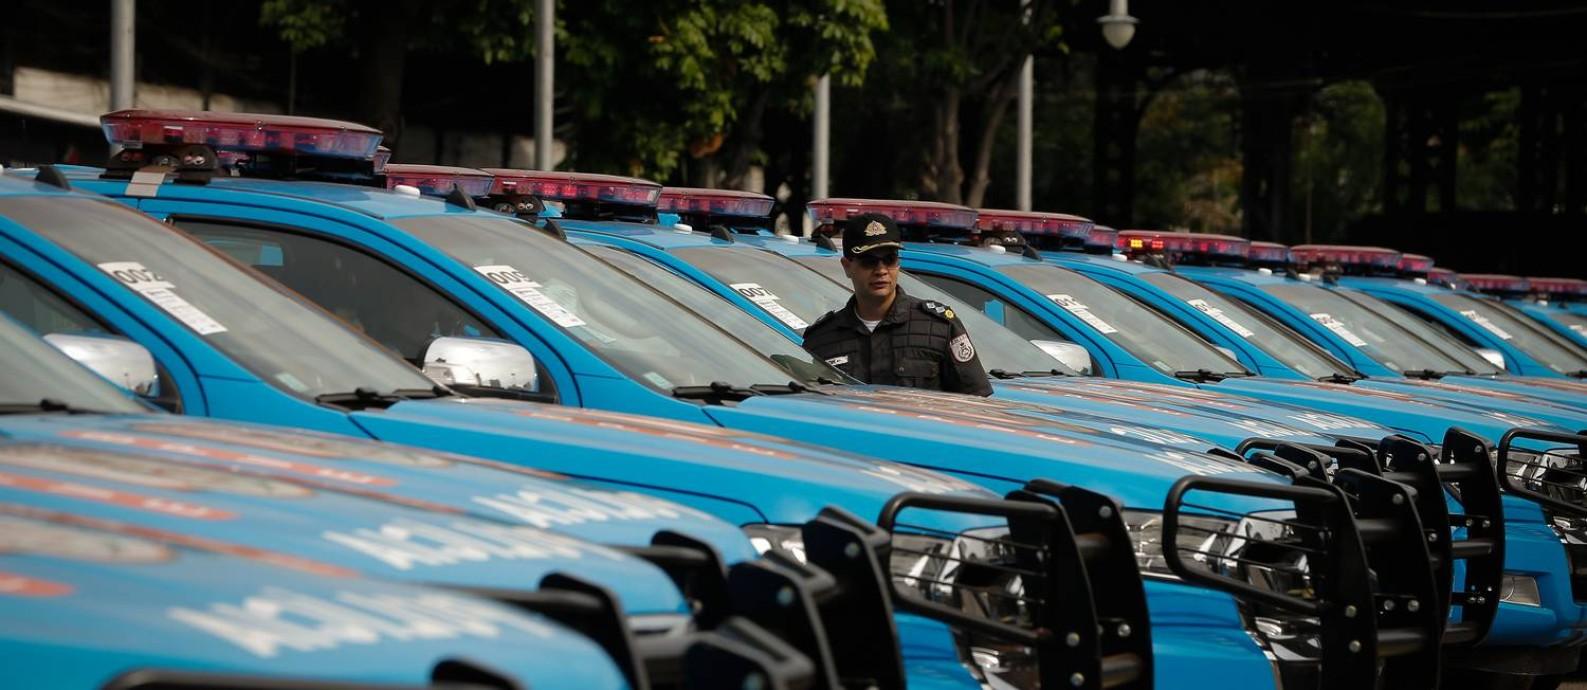 Frota entregue ao Batalhão de Choque: aparelhamento é apontado como fator para redução de crimes Foto: Pablo Jacob / Agência O Globo